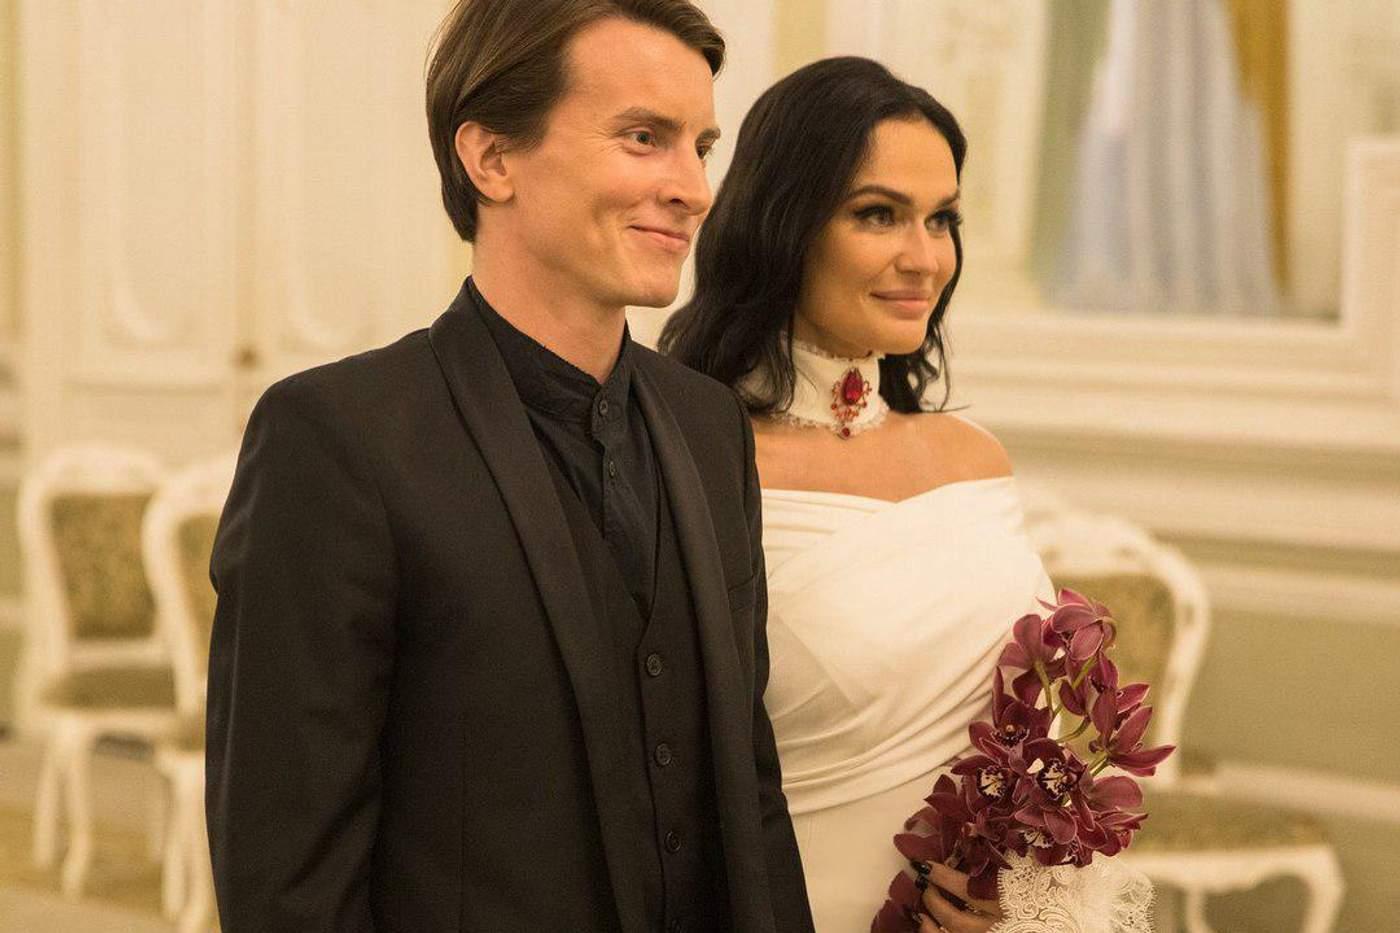 Алена Водонаева рассказала, в каких отношениях рассталась с бывшим мужем